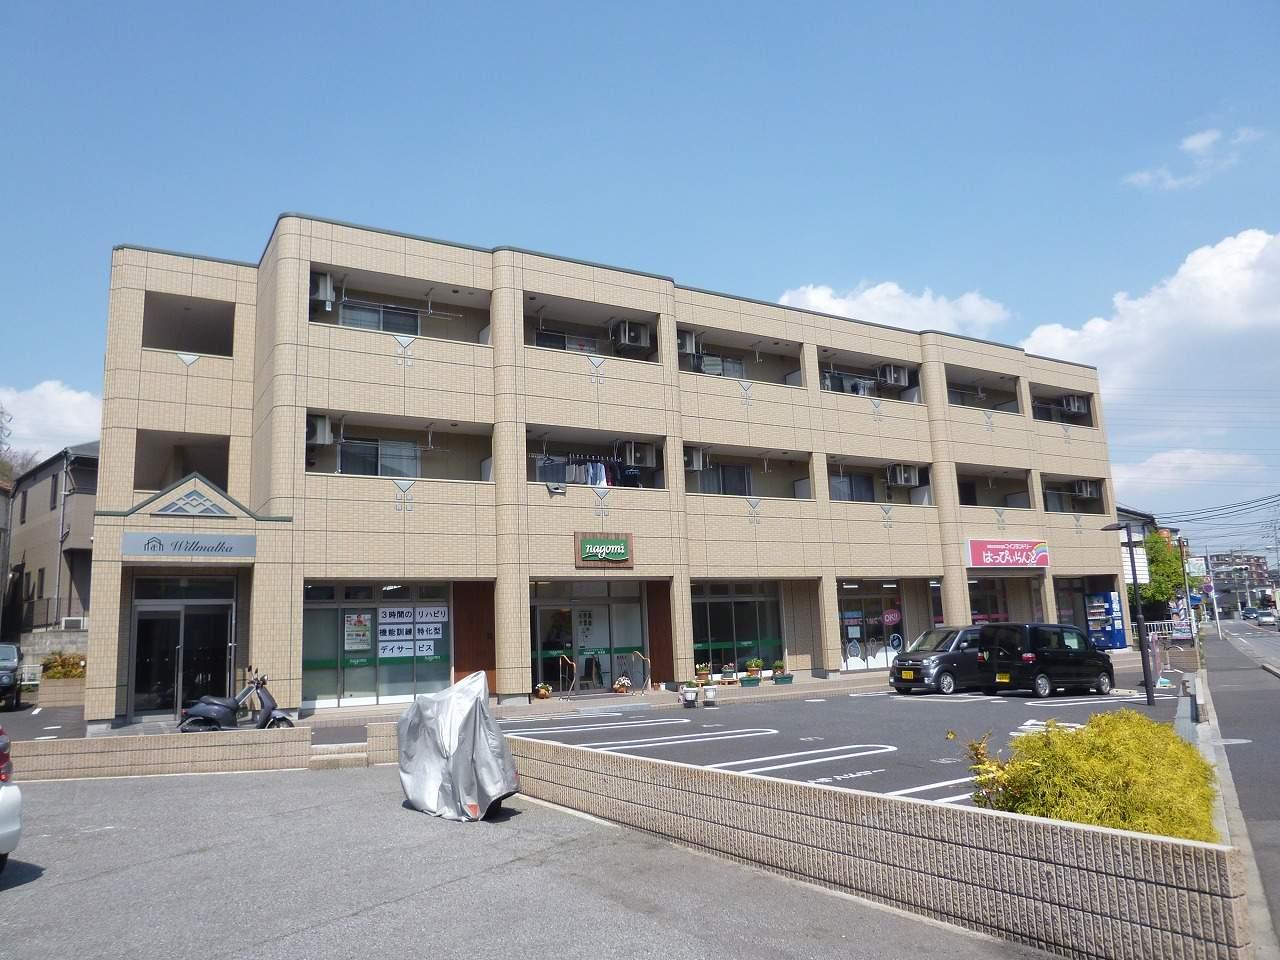 千葉県千葉市稲毛区、作草部駅徒歩14分の築7年 3階建の賃貸マンション